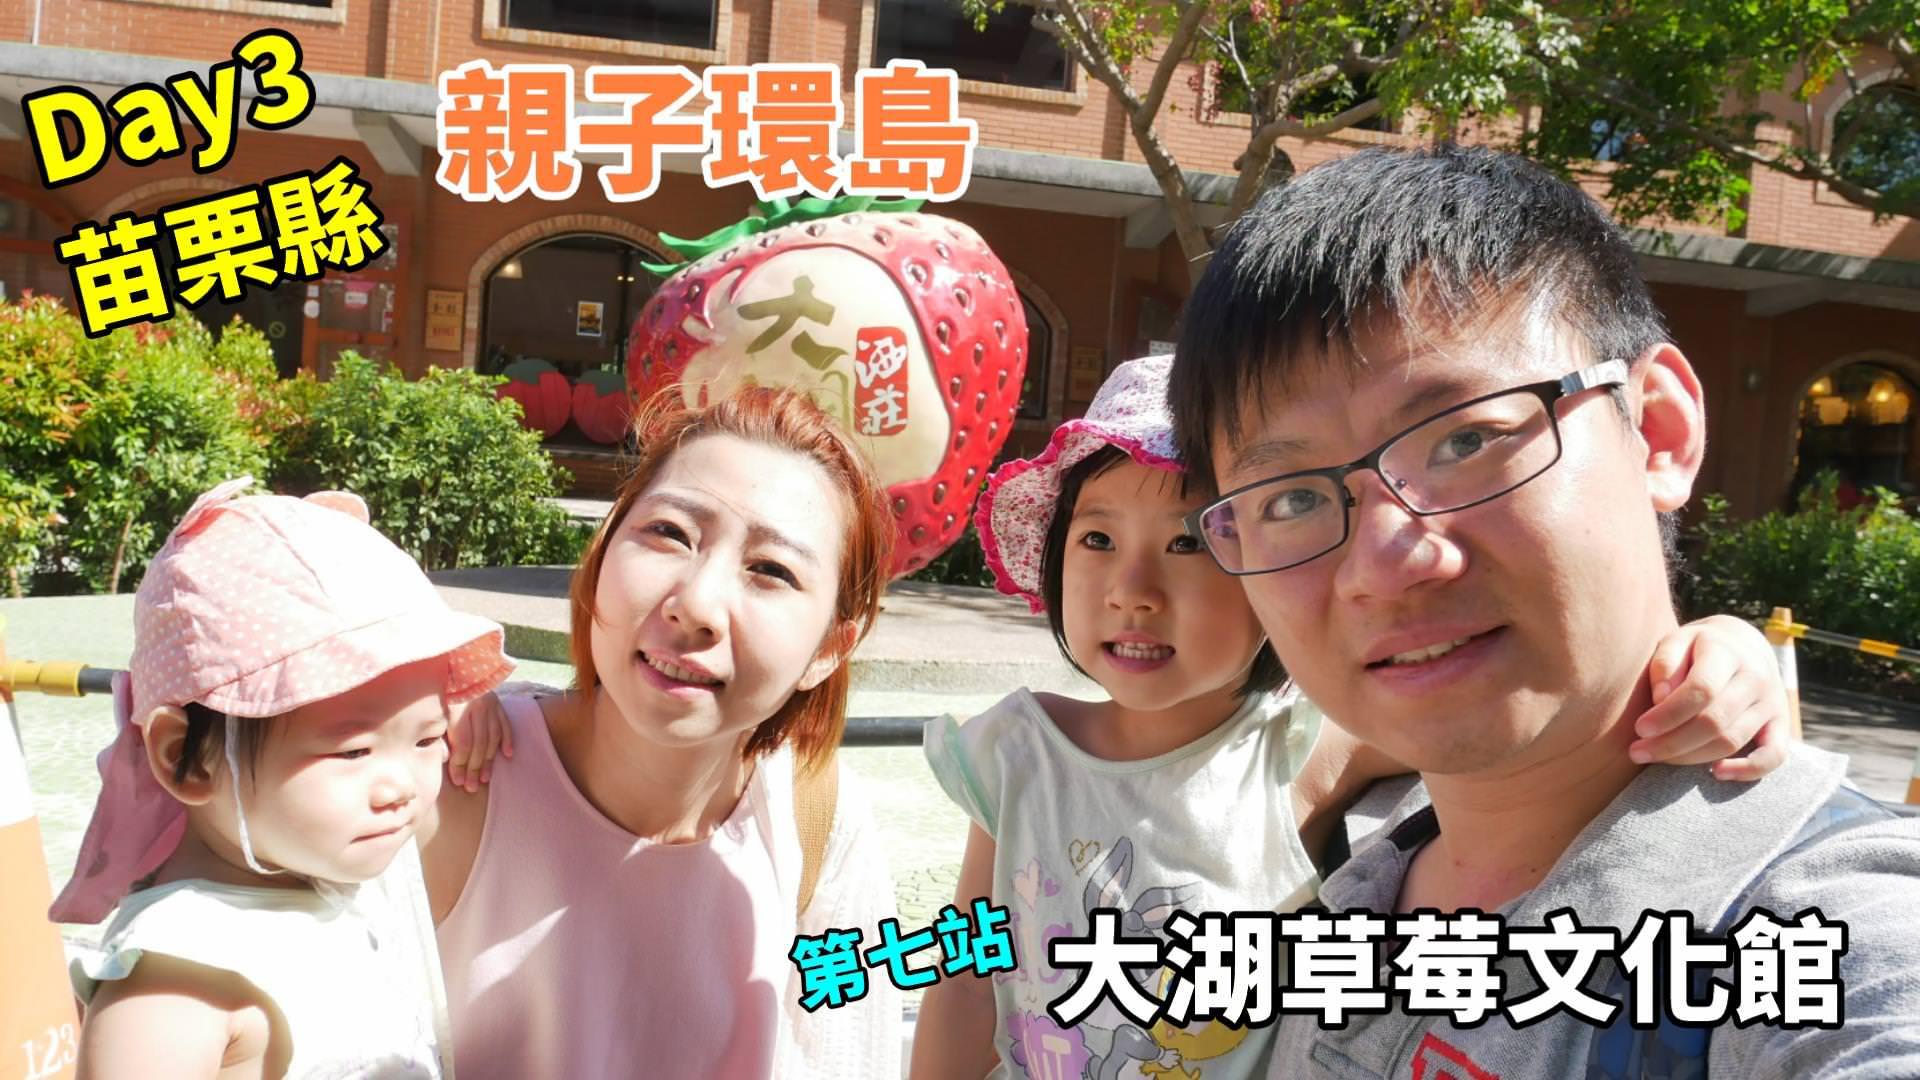 [景點]苗栗大湖草莓文化館大湖酒莊 買草莓吃草莓 (台灣環島親子旅遊Day3第七站)